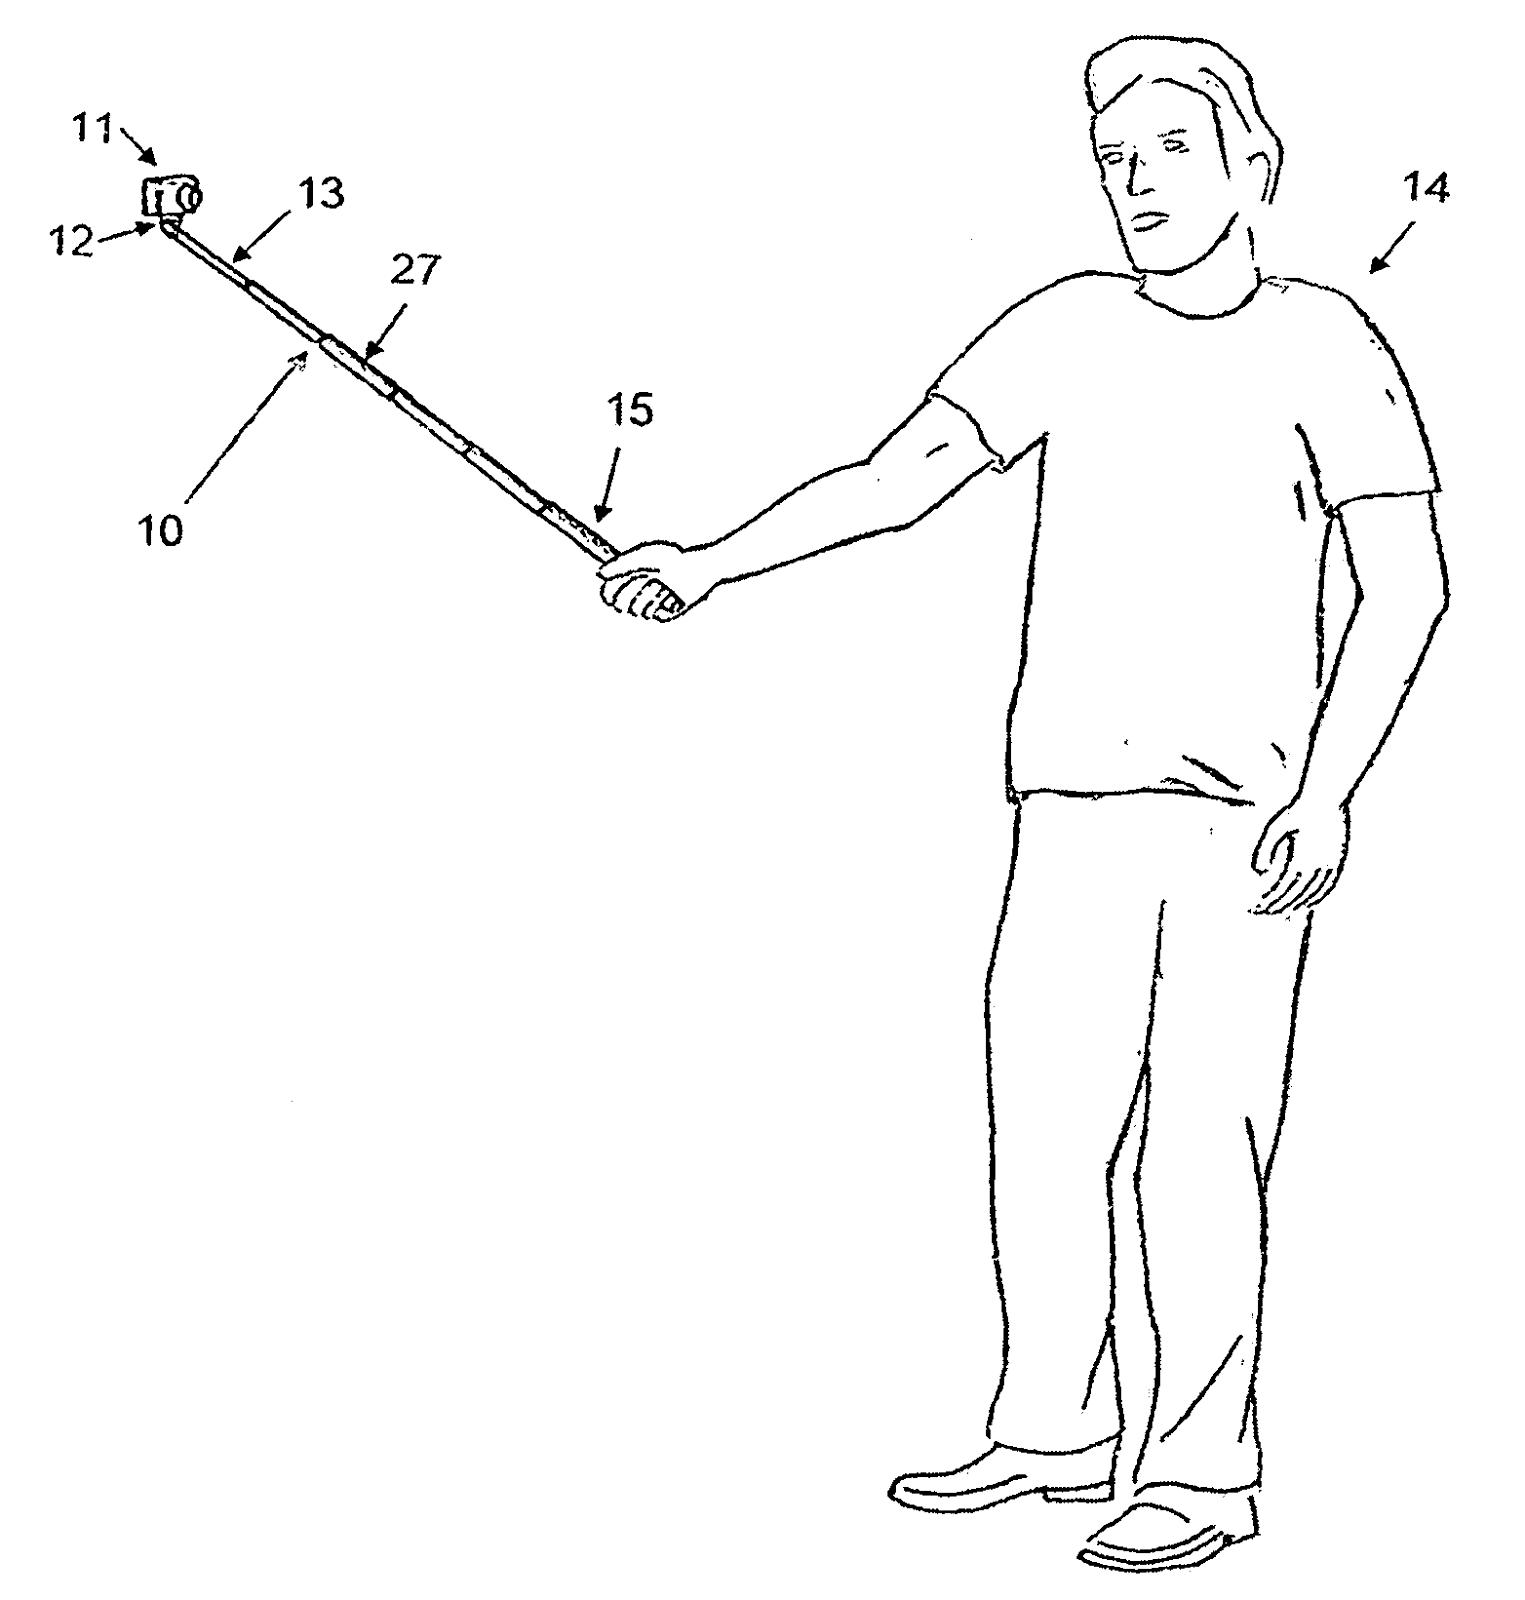 patente us20080117328 a1